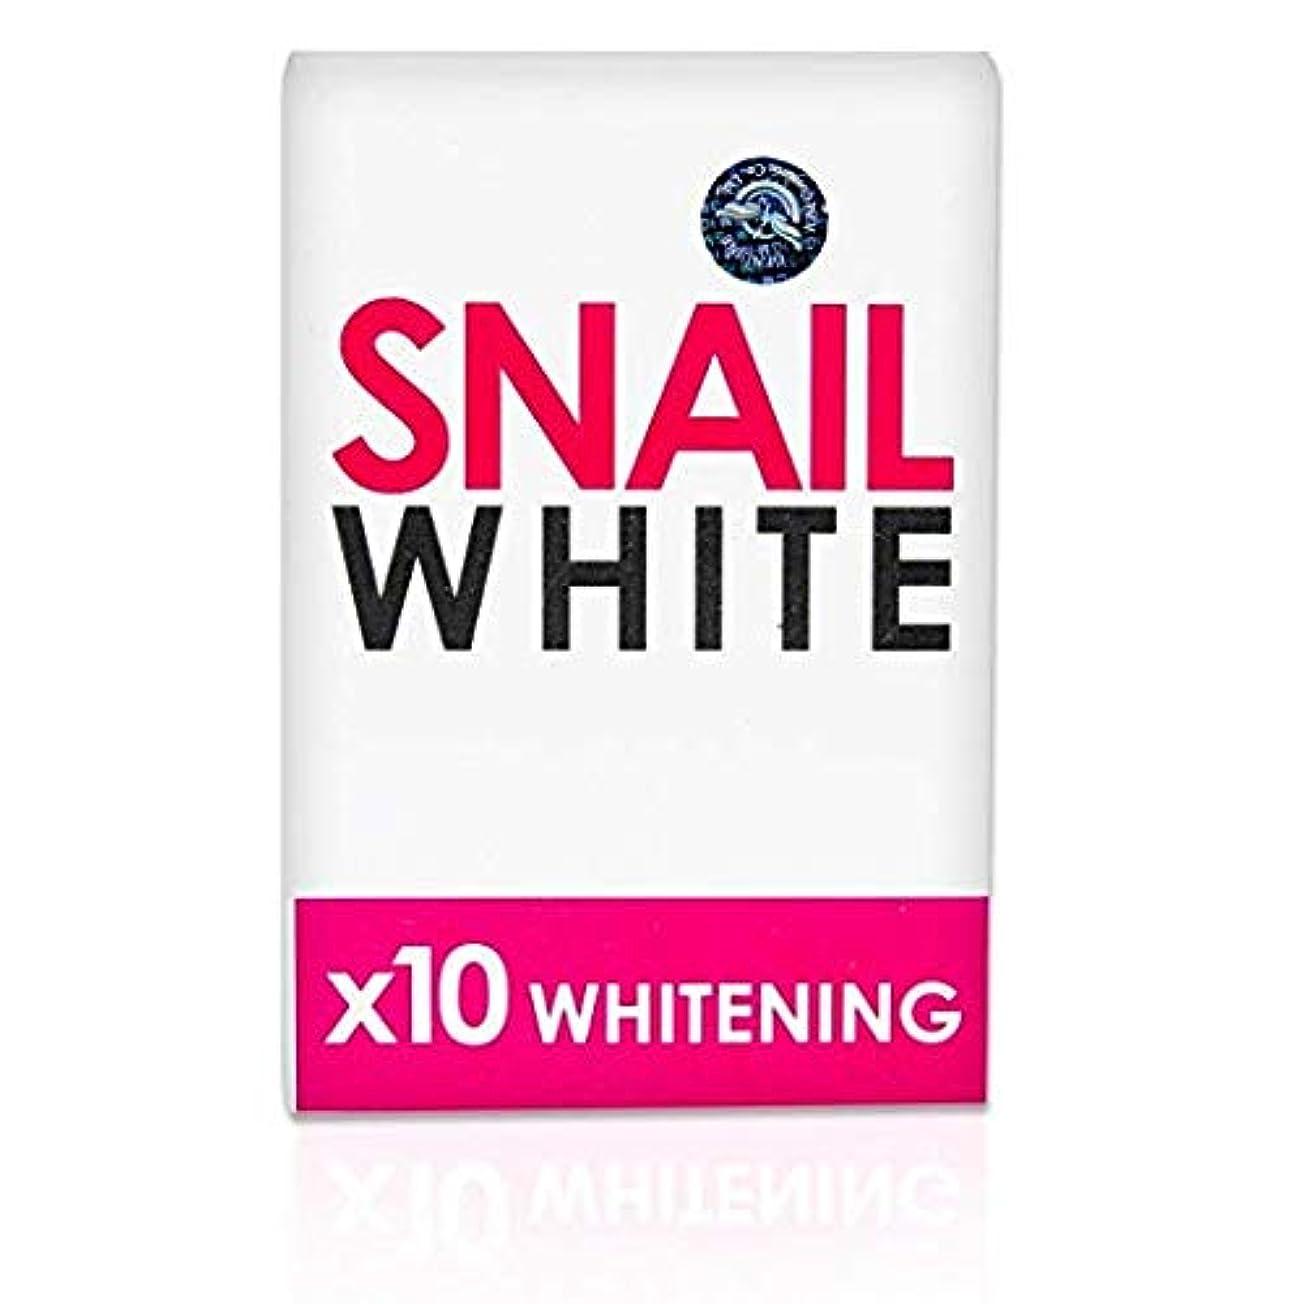 葉卵責任スネイルホワイト Gluta Snail White x10 Whitening by Dream ホワイトニング 固形石鹸 2個